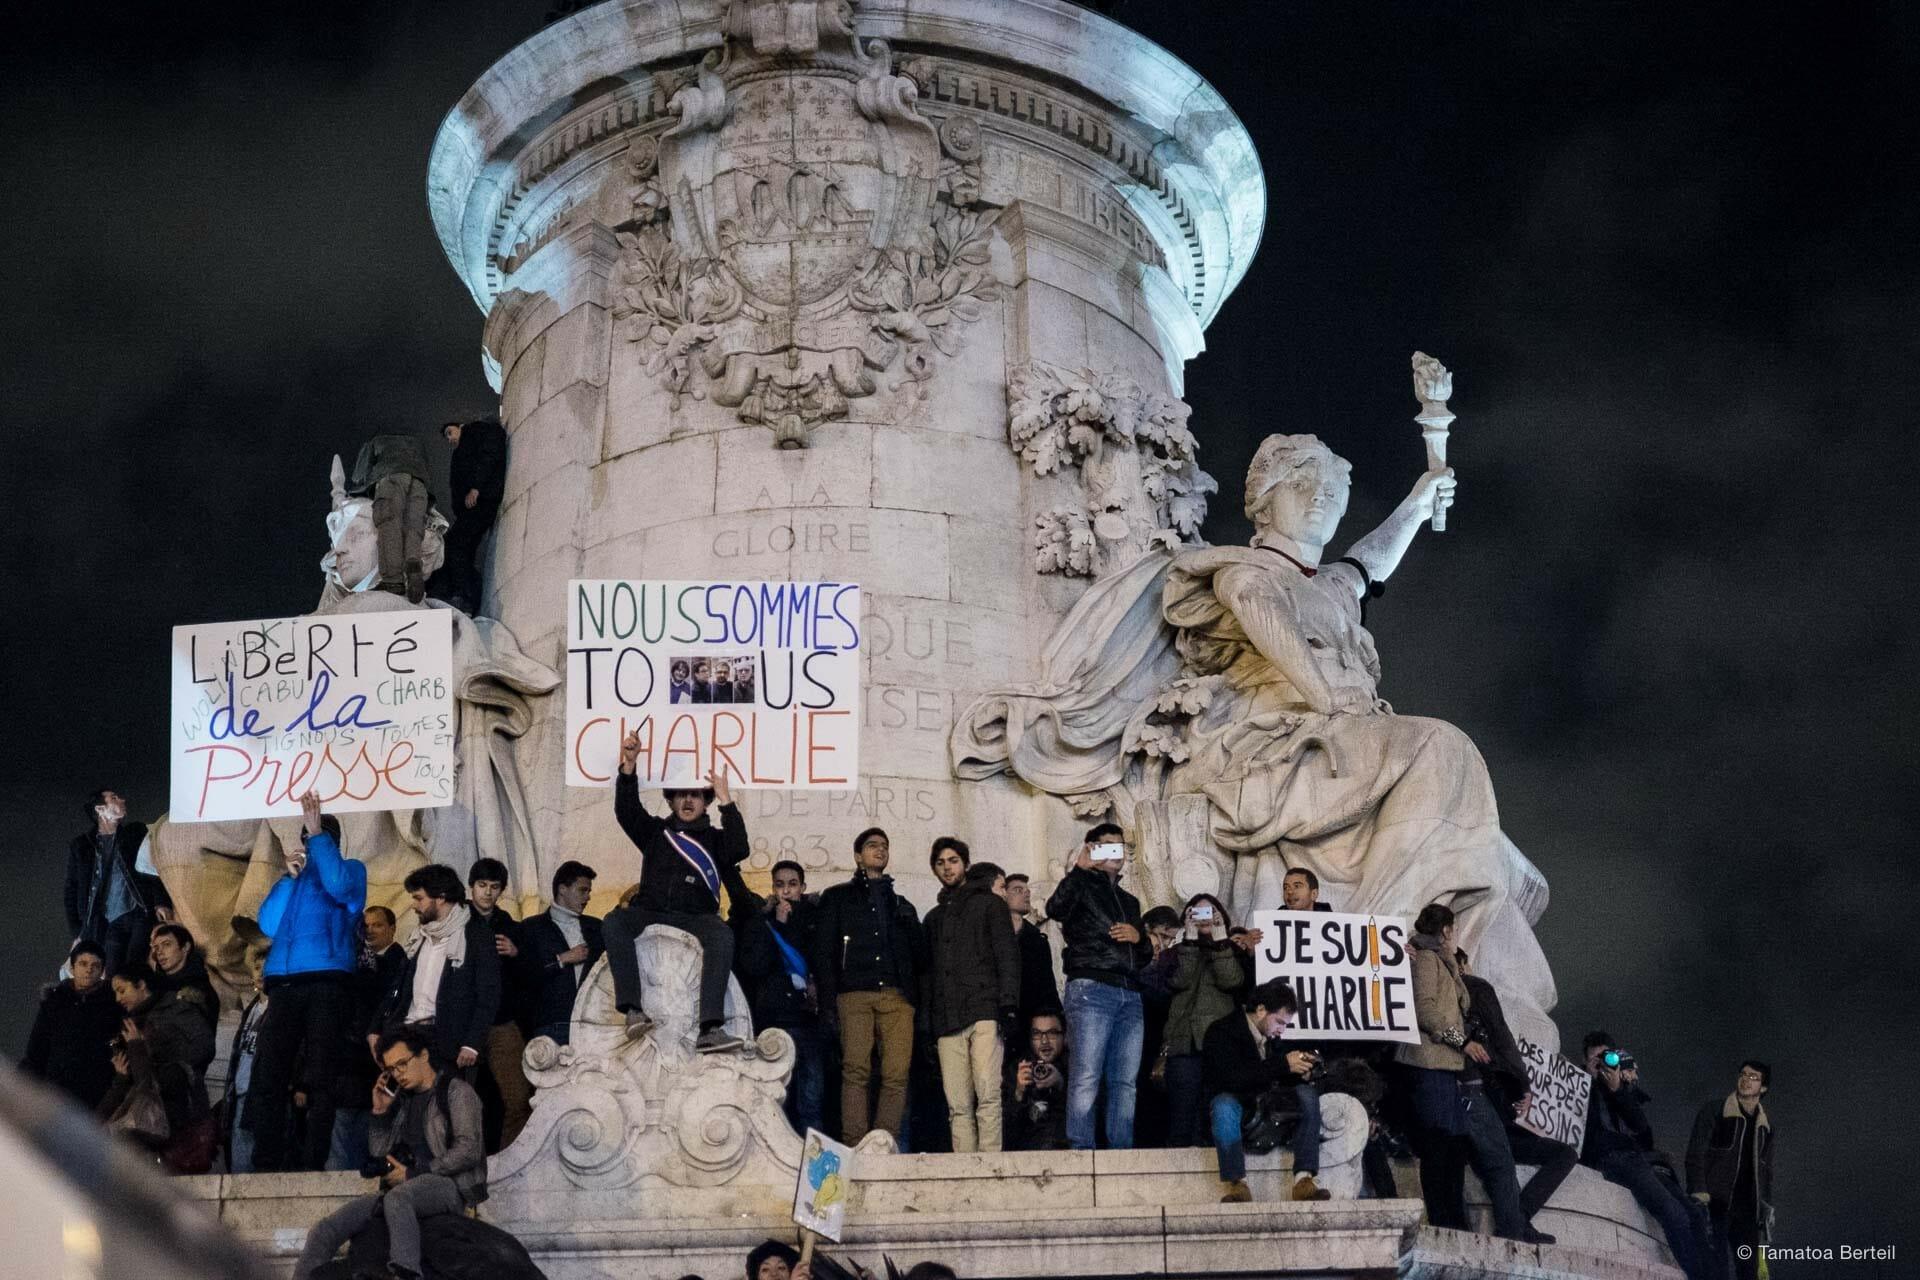 2015-01-07-Charlie_Hebdo-7